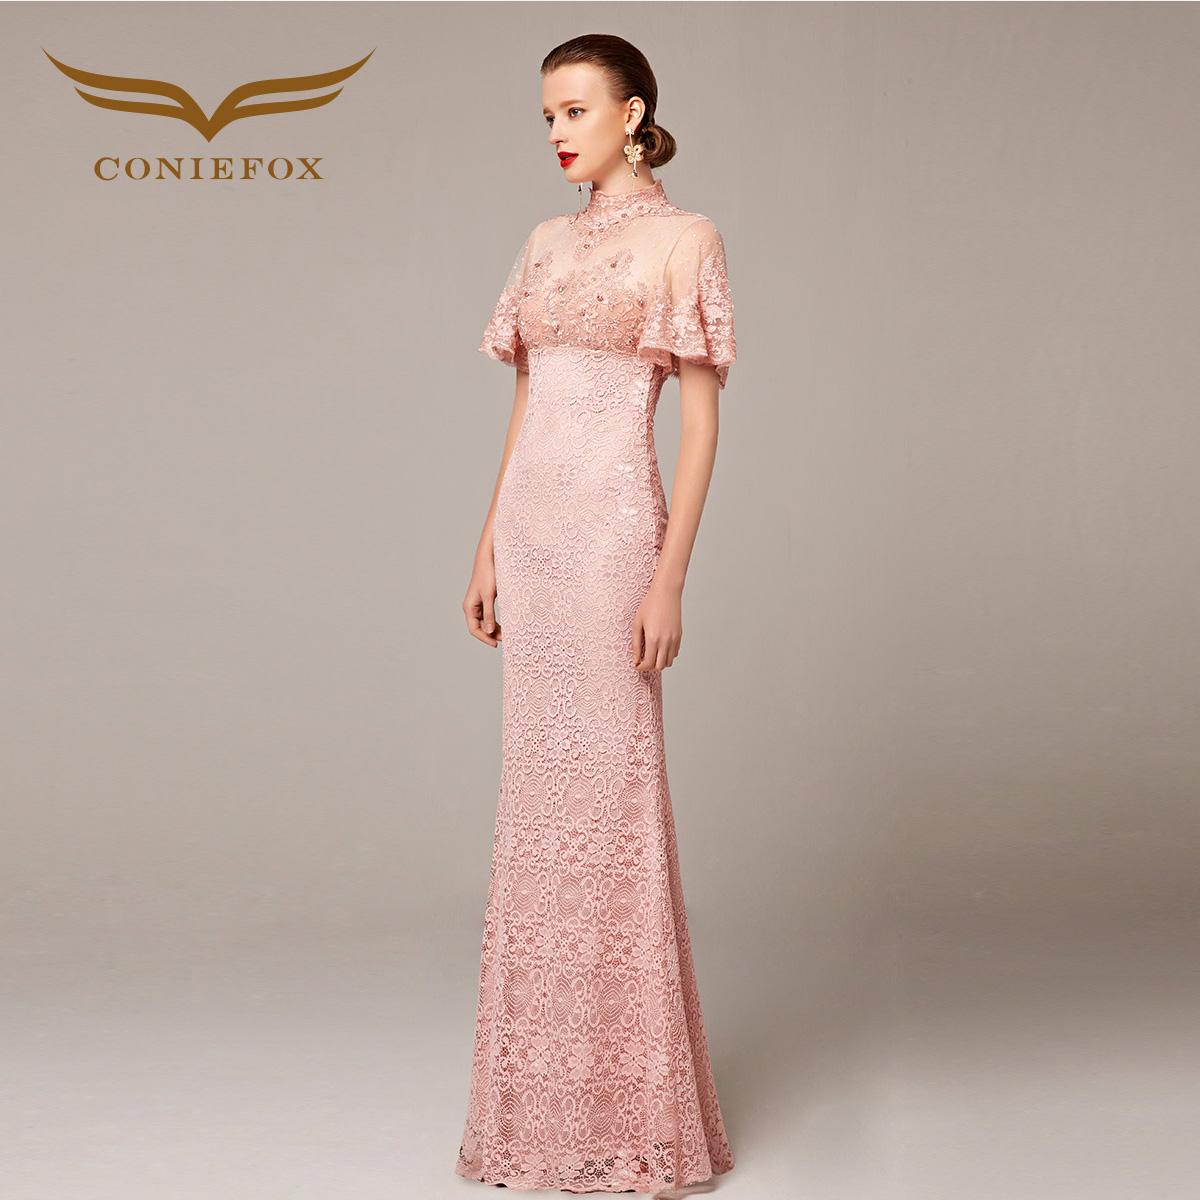 創意狐宴會晚禮服2018新款歐美高端刺繡禮服裙女長款粉色蕾絲長裙